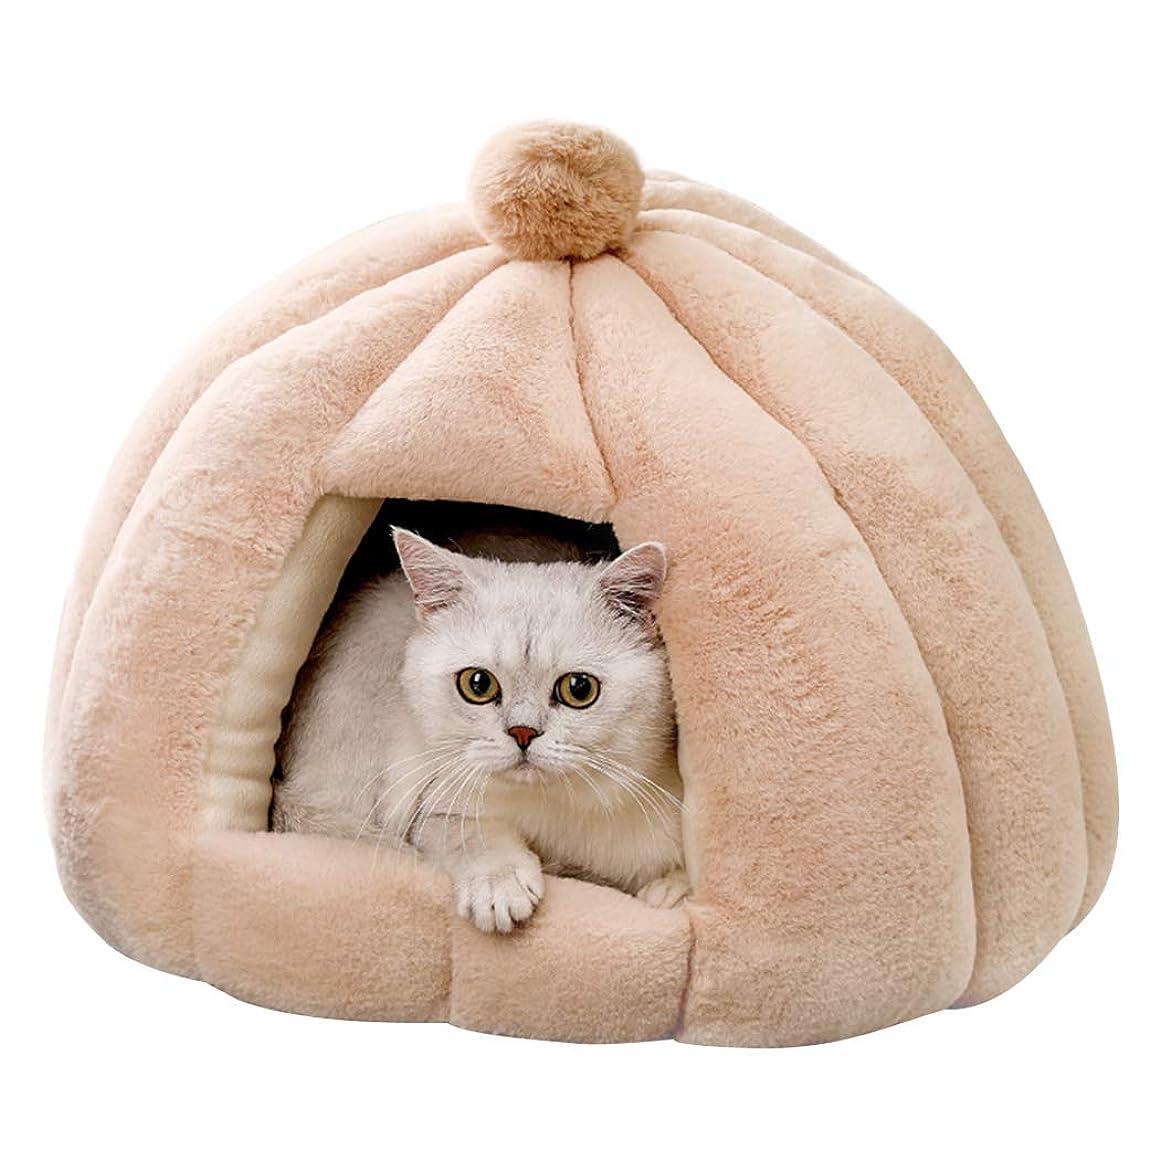 読む手順約束するbingopaw 猫ベッド ドーム型 洗える 小型犬 寝床 かわいい 丸型 ペットベッド テントハウス 小屋 ふわふわ 通年 耐噛み もこもこ 暖かい 滑り止め 防寒 7.5kg以下 ベージュ